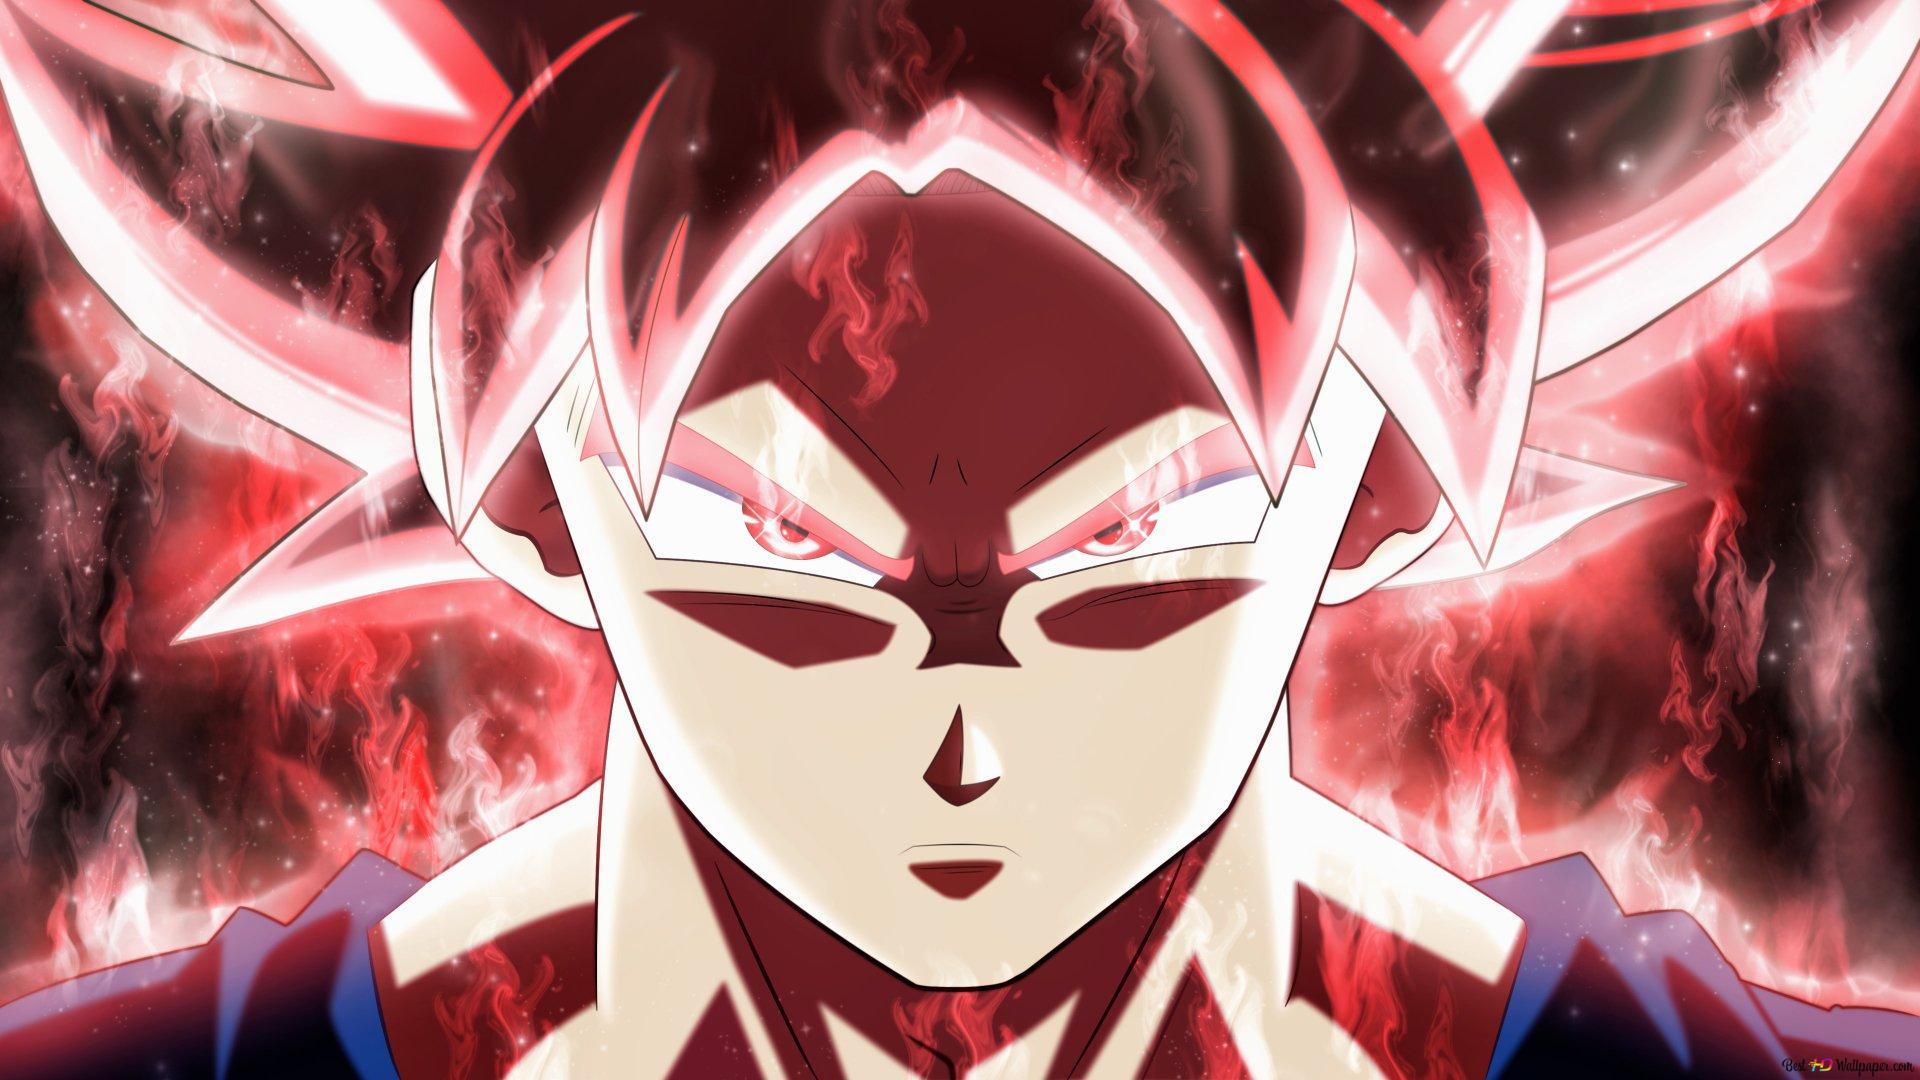 Dragon Ball Super Super Goku Hd Wallpaper Download